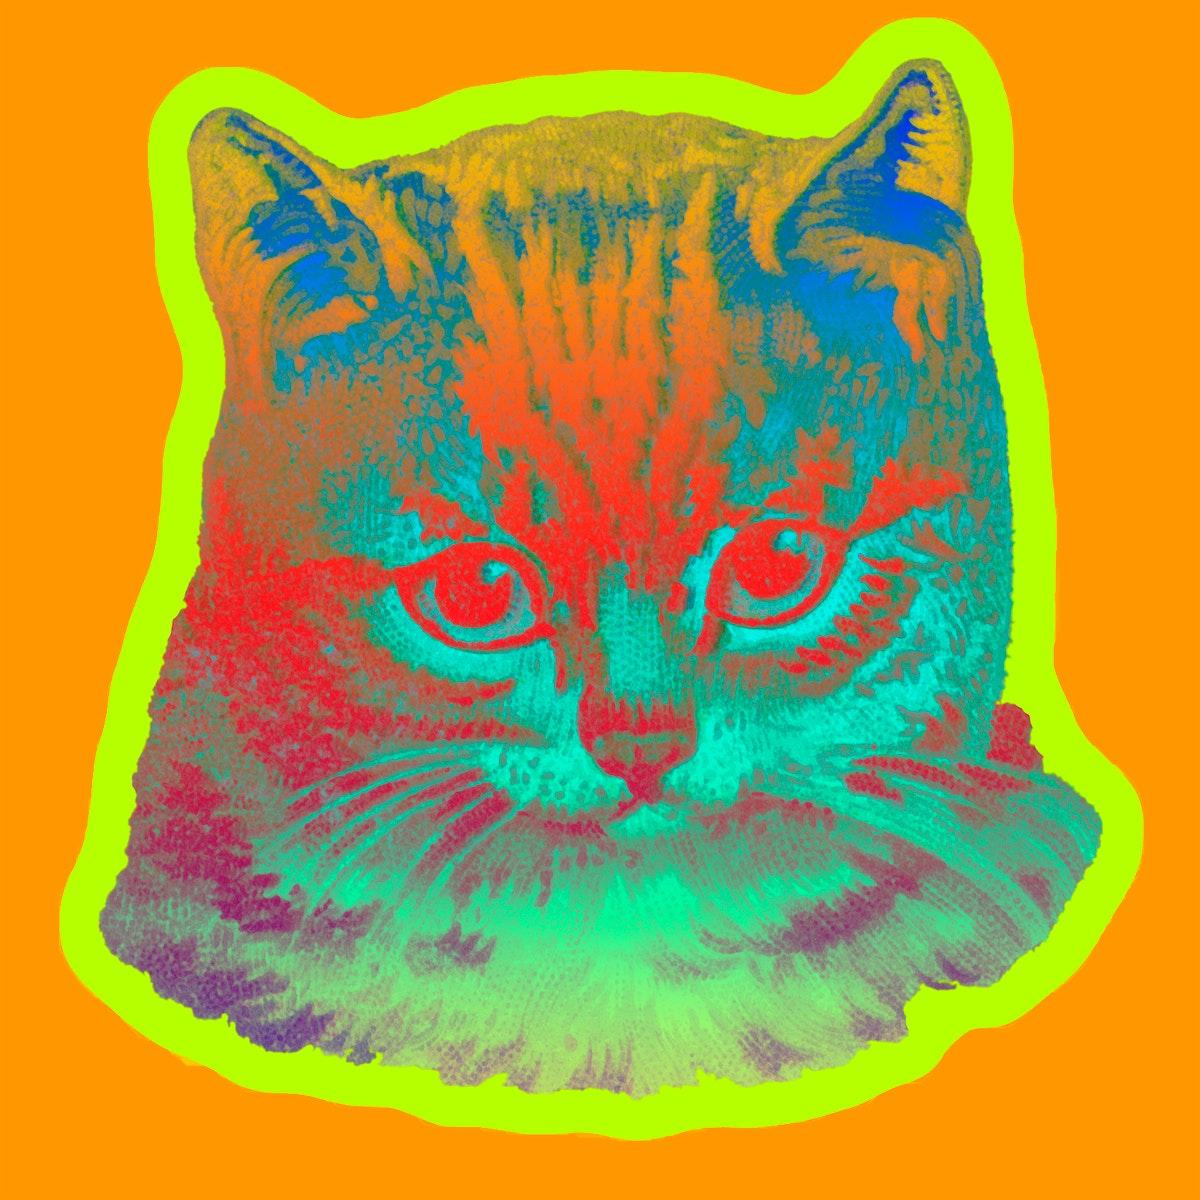 Staring cat sticker illustration